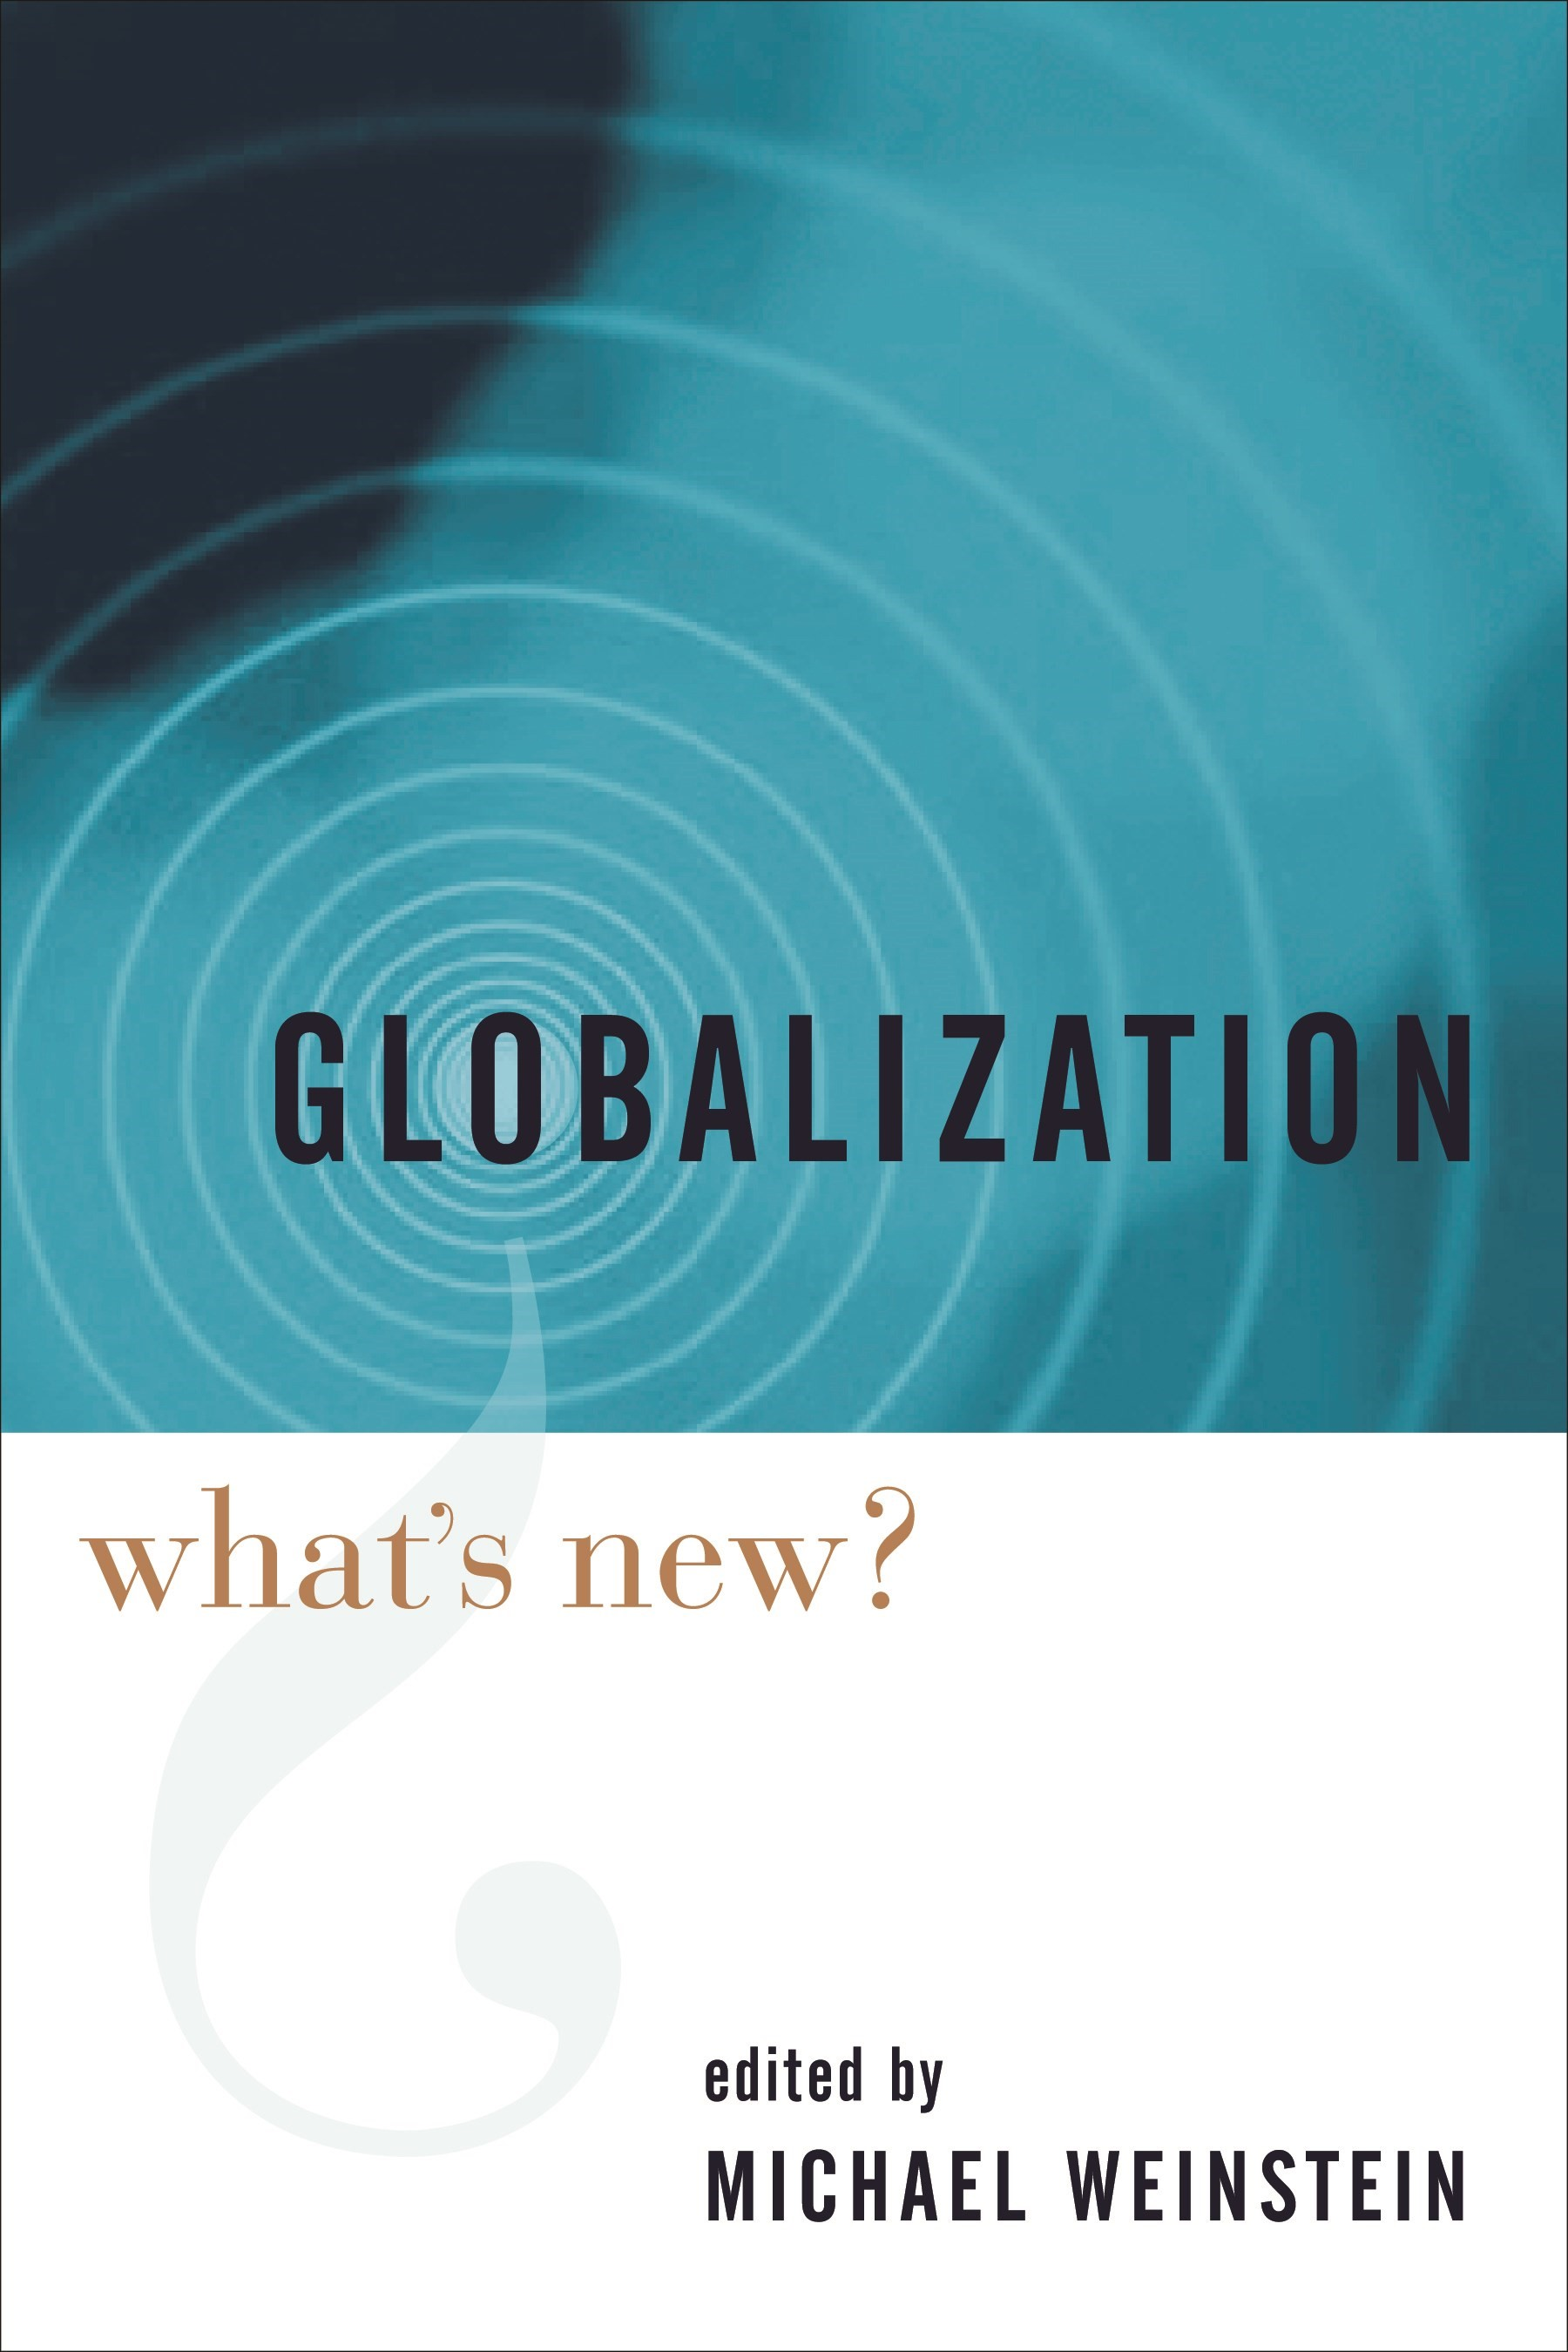 Abbildung von Bauman / Weinstein / Pang | Globalization | 2005